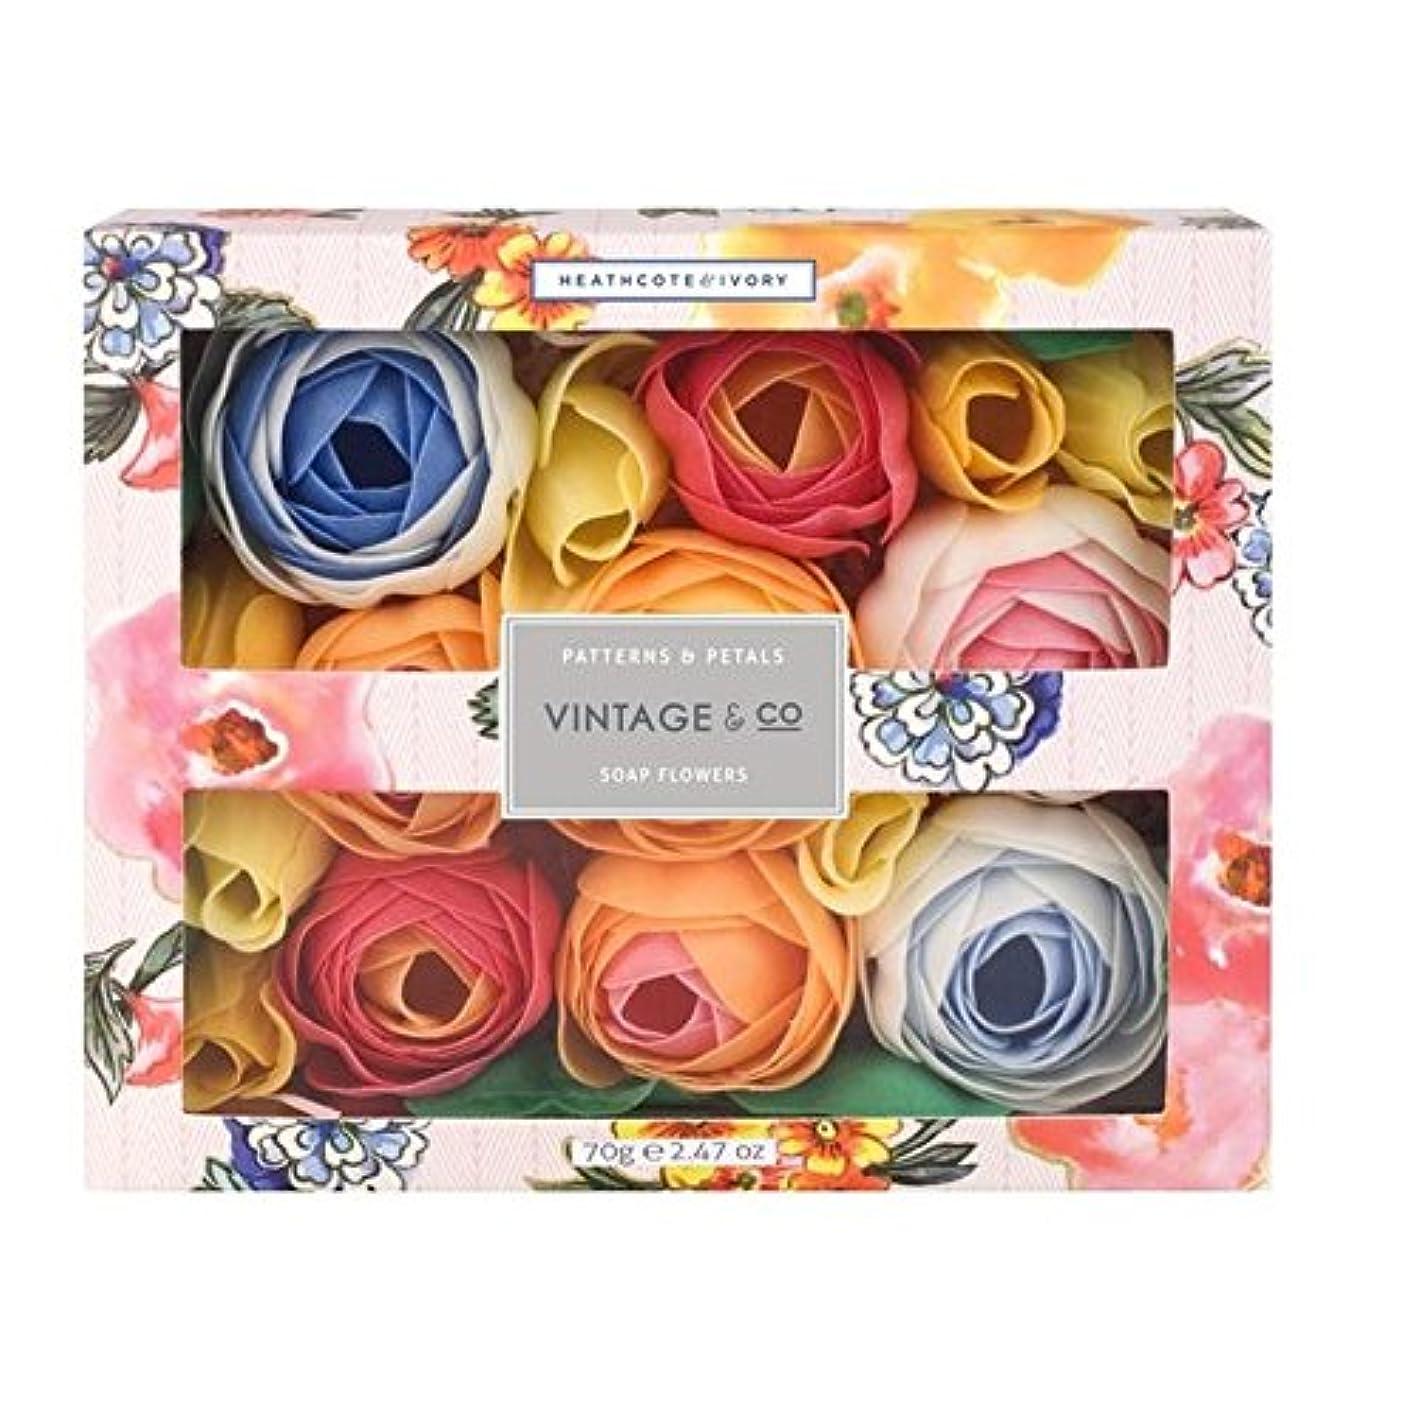 学習者静脈遅れヒースコート&アイボリーパターン&花びら石鹸の花70グラム x2 - Heathcote & Ivory Patterns & Petals Soap Flowers 70g (Pack of 2) [並行輸入品]